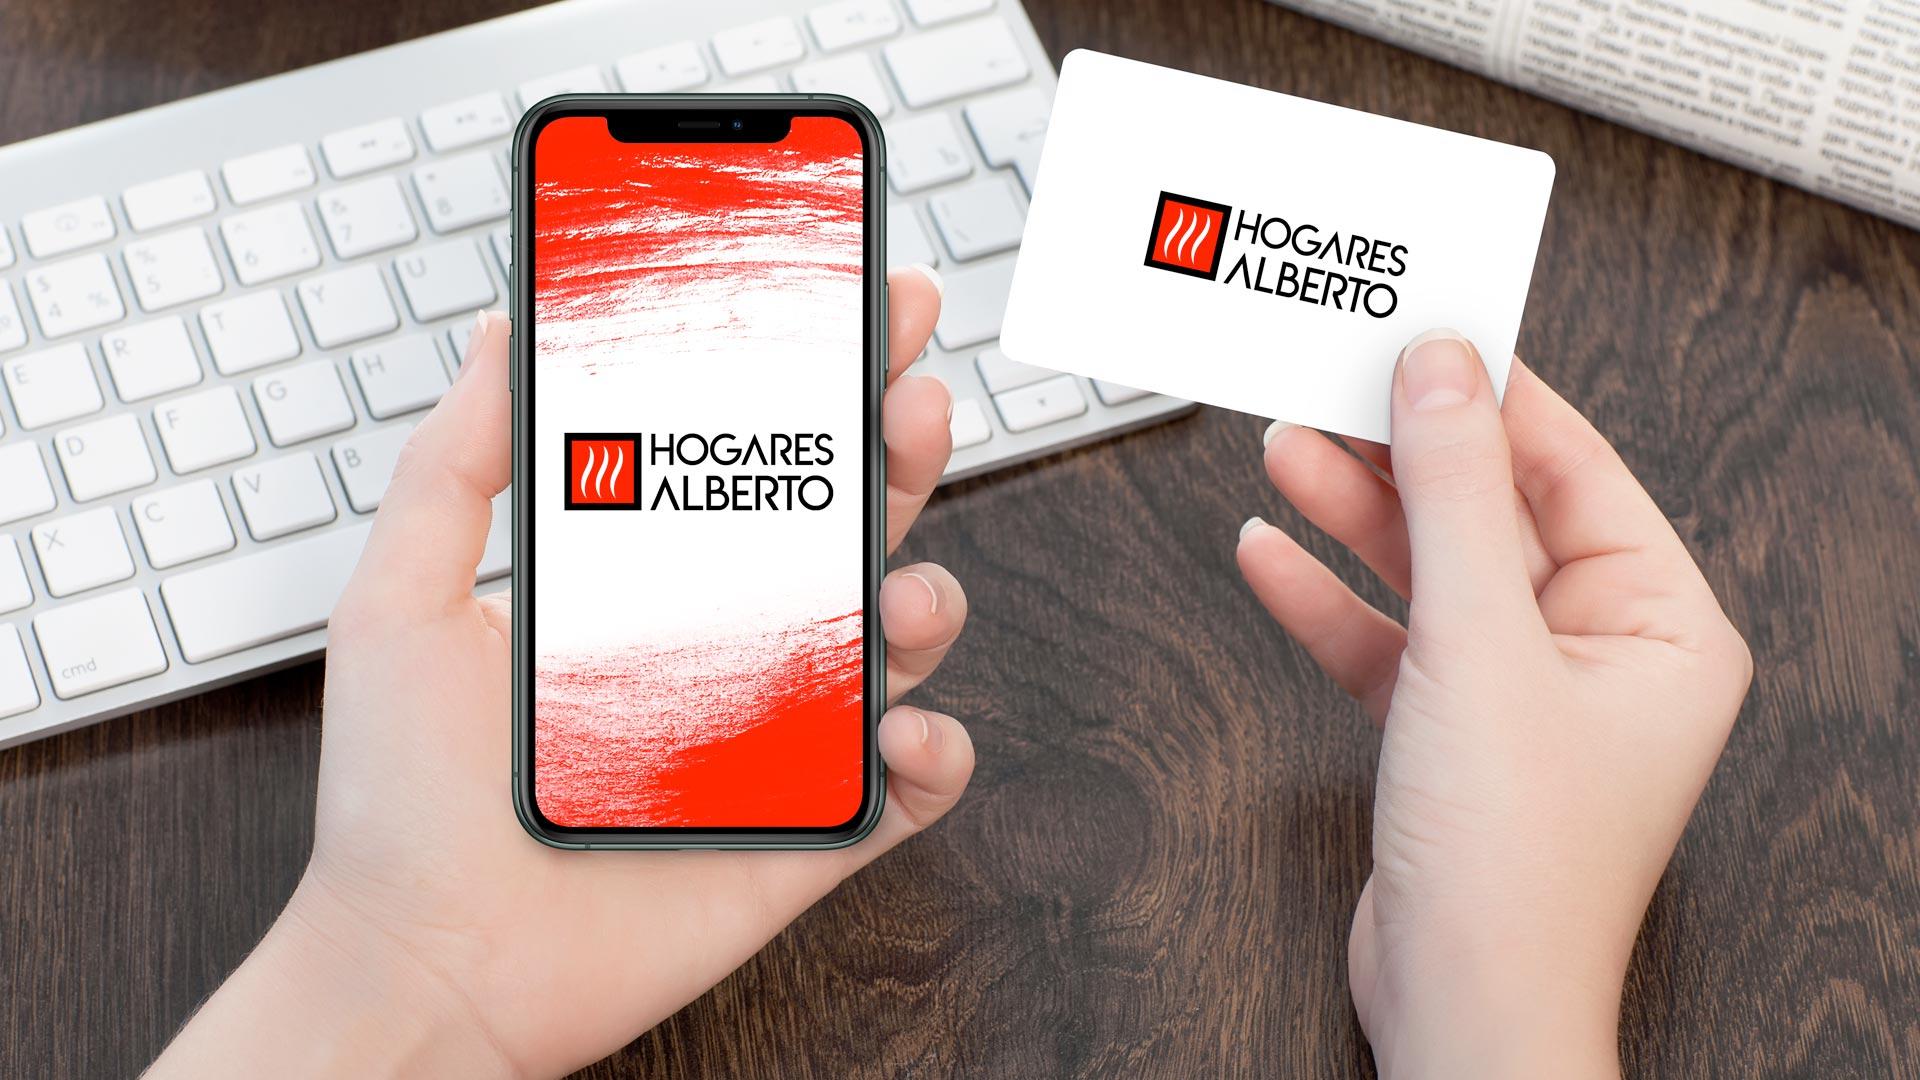 Logo Hogares Alberto